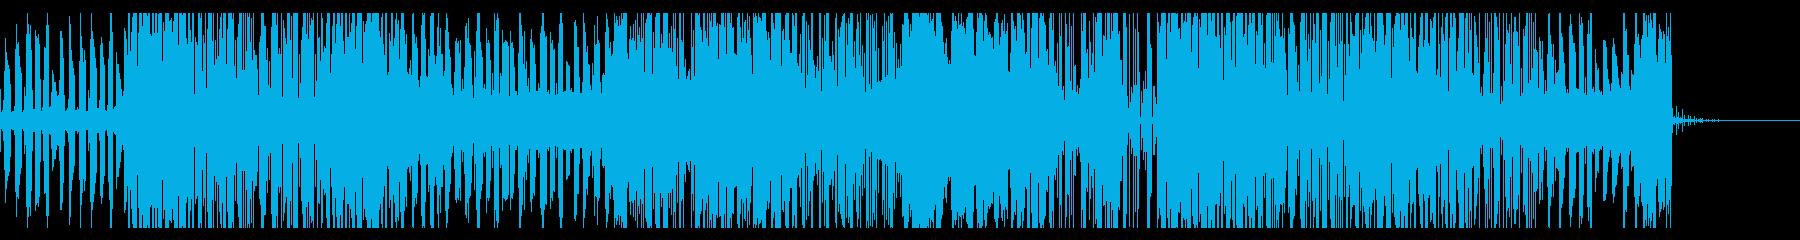 不思議な空間を漂うエレクトロニカの再生済みの波形